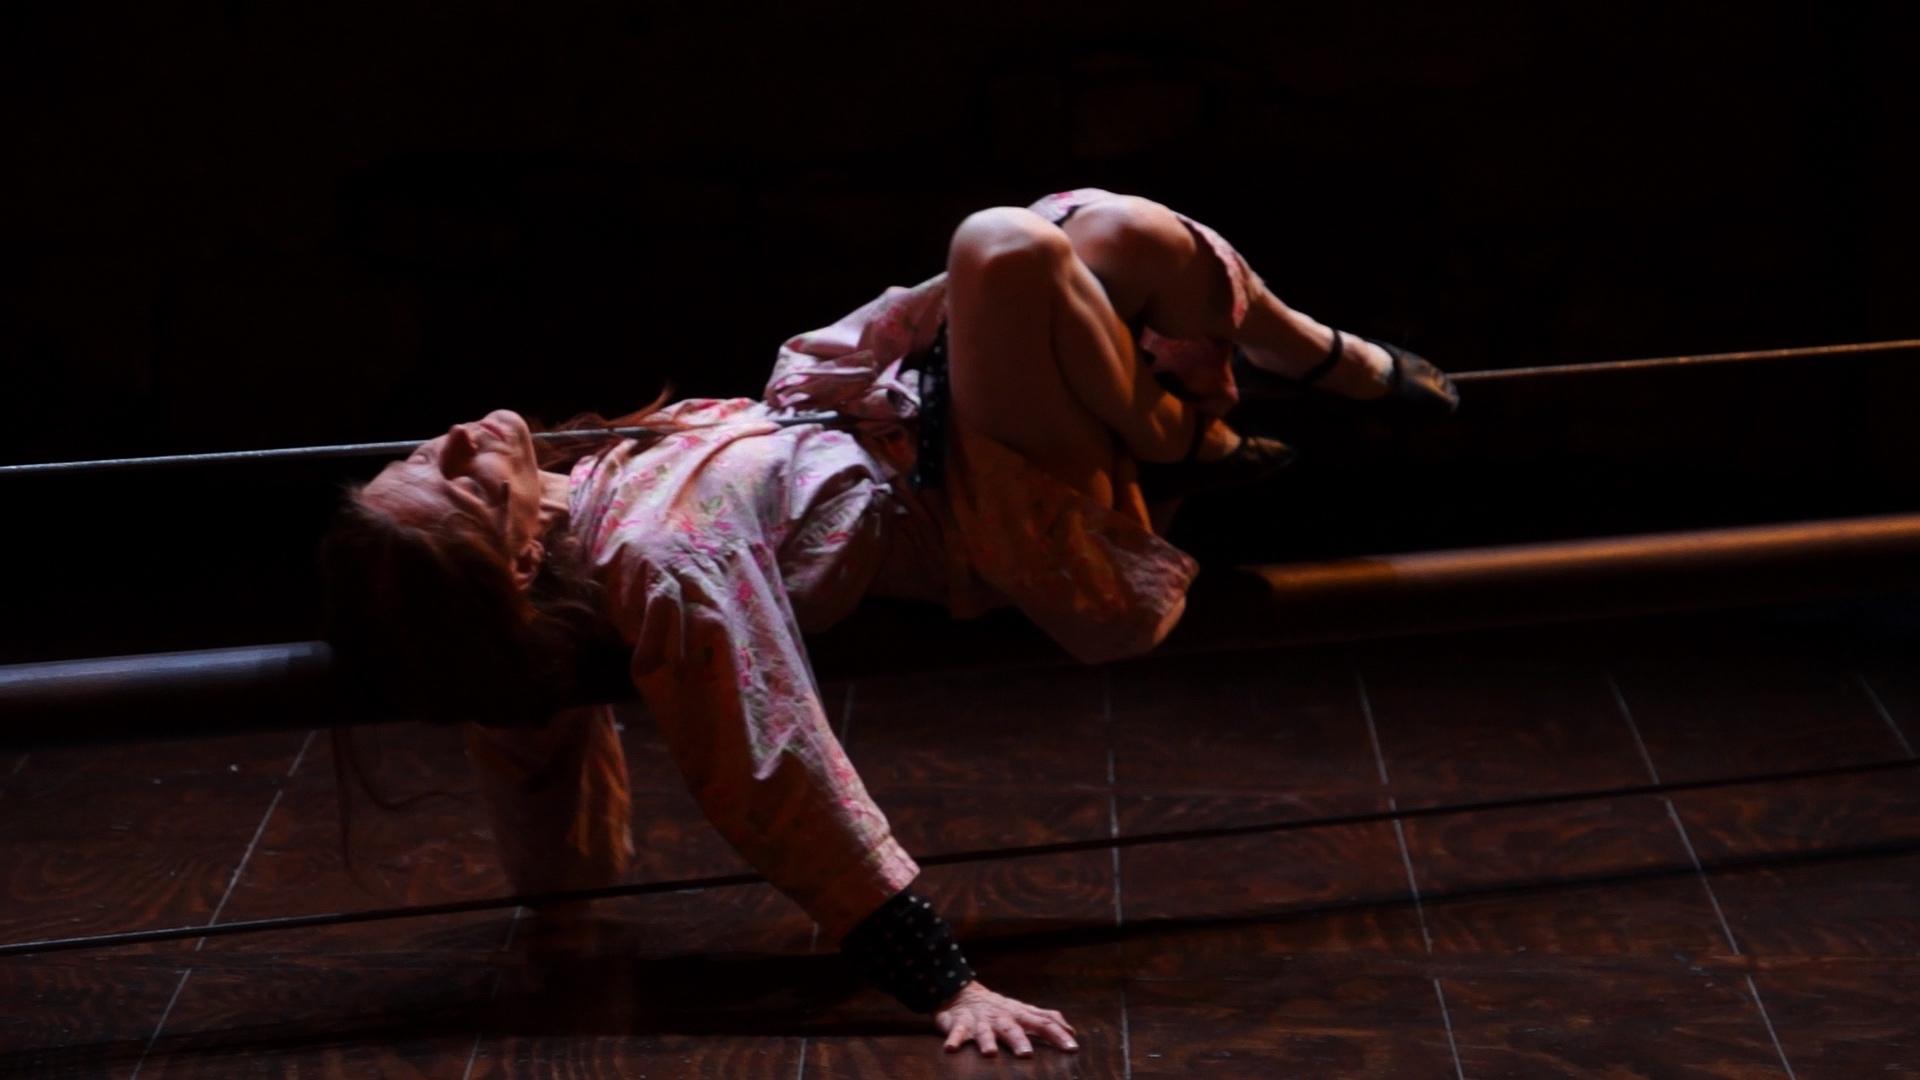 Toi c'est la joie (sur le fil avec Molly Bloom) 4 _ Blandine Armand_Captations